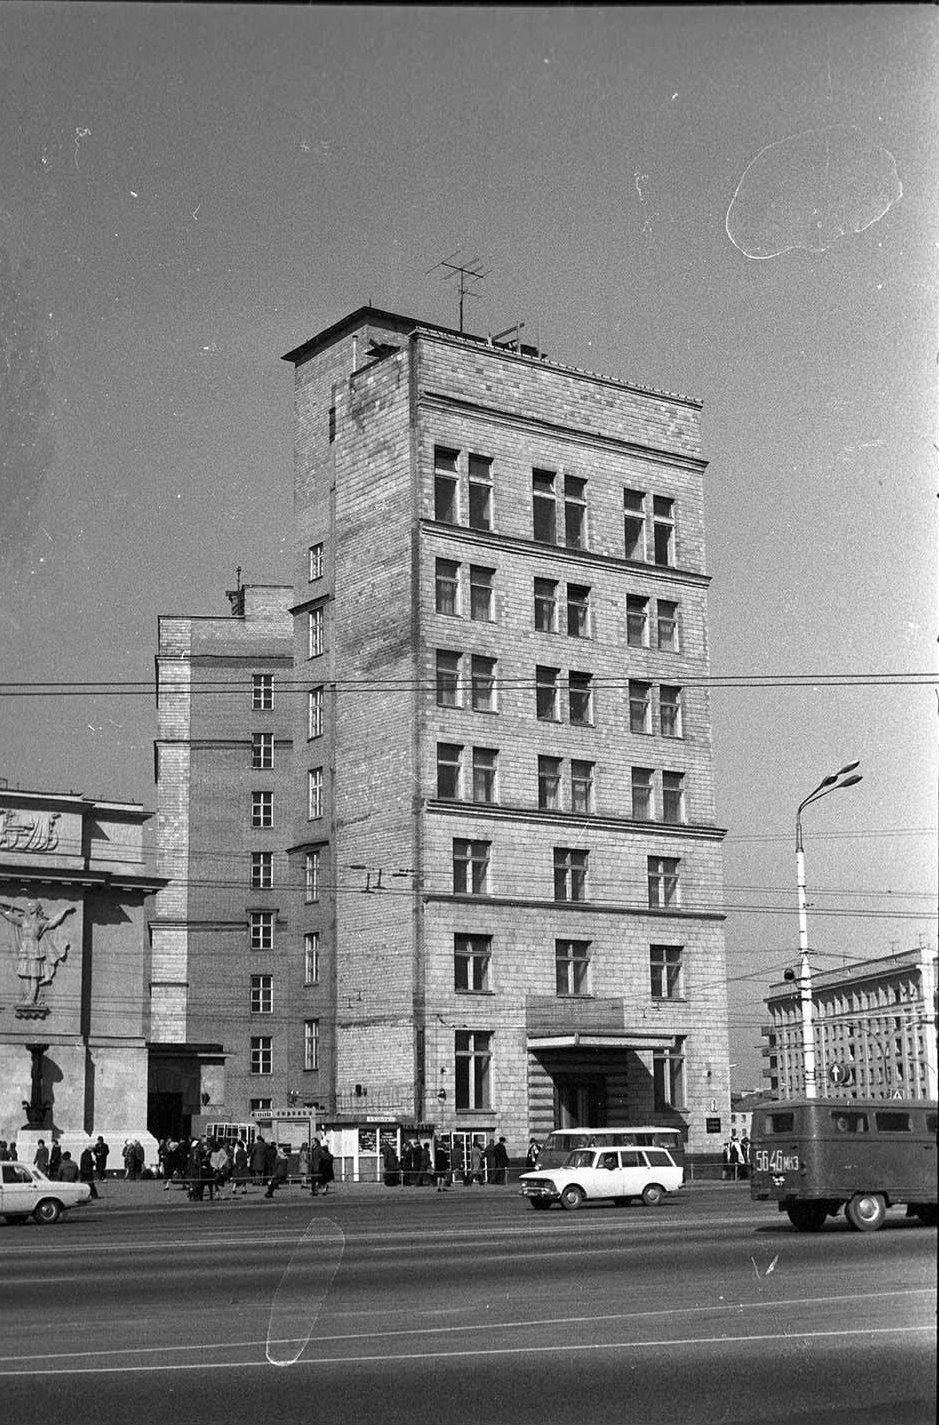 1960-е. Uостиница Варшава. Октябрьская (Калужская) площадь